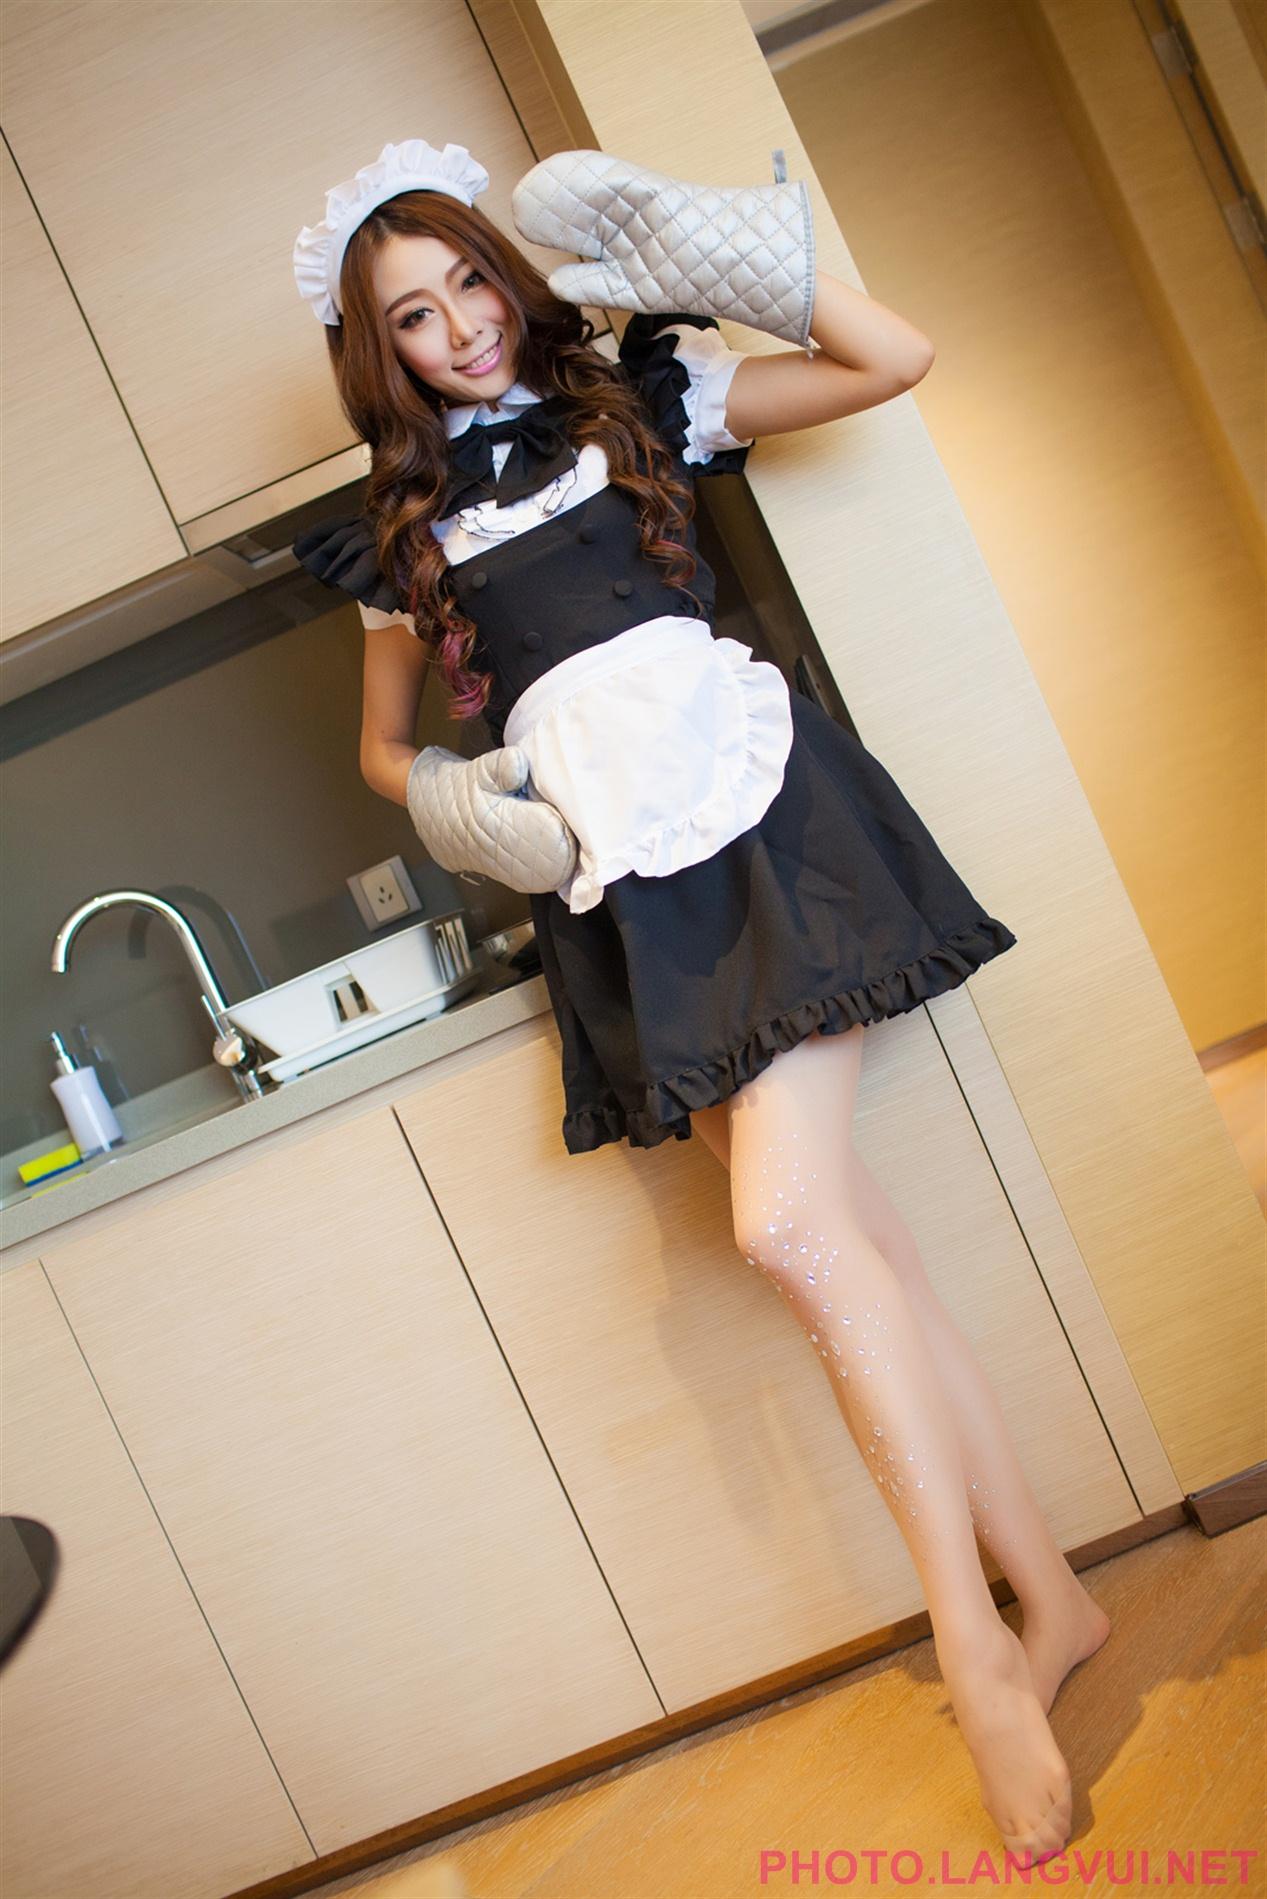 TGOD No 10112014 - Ảnh Girl Xinh - photo.langvui.net